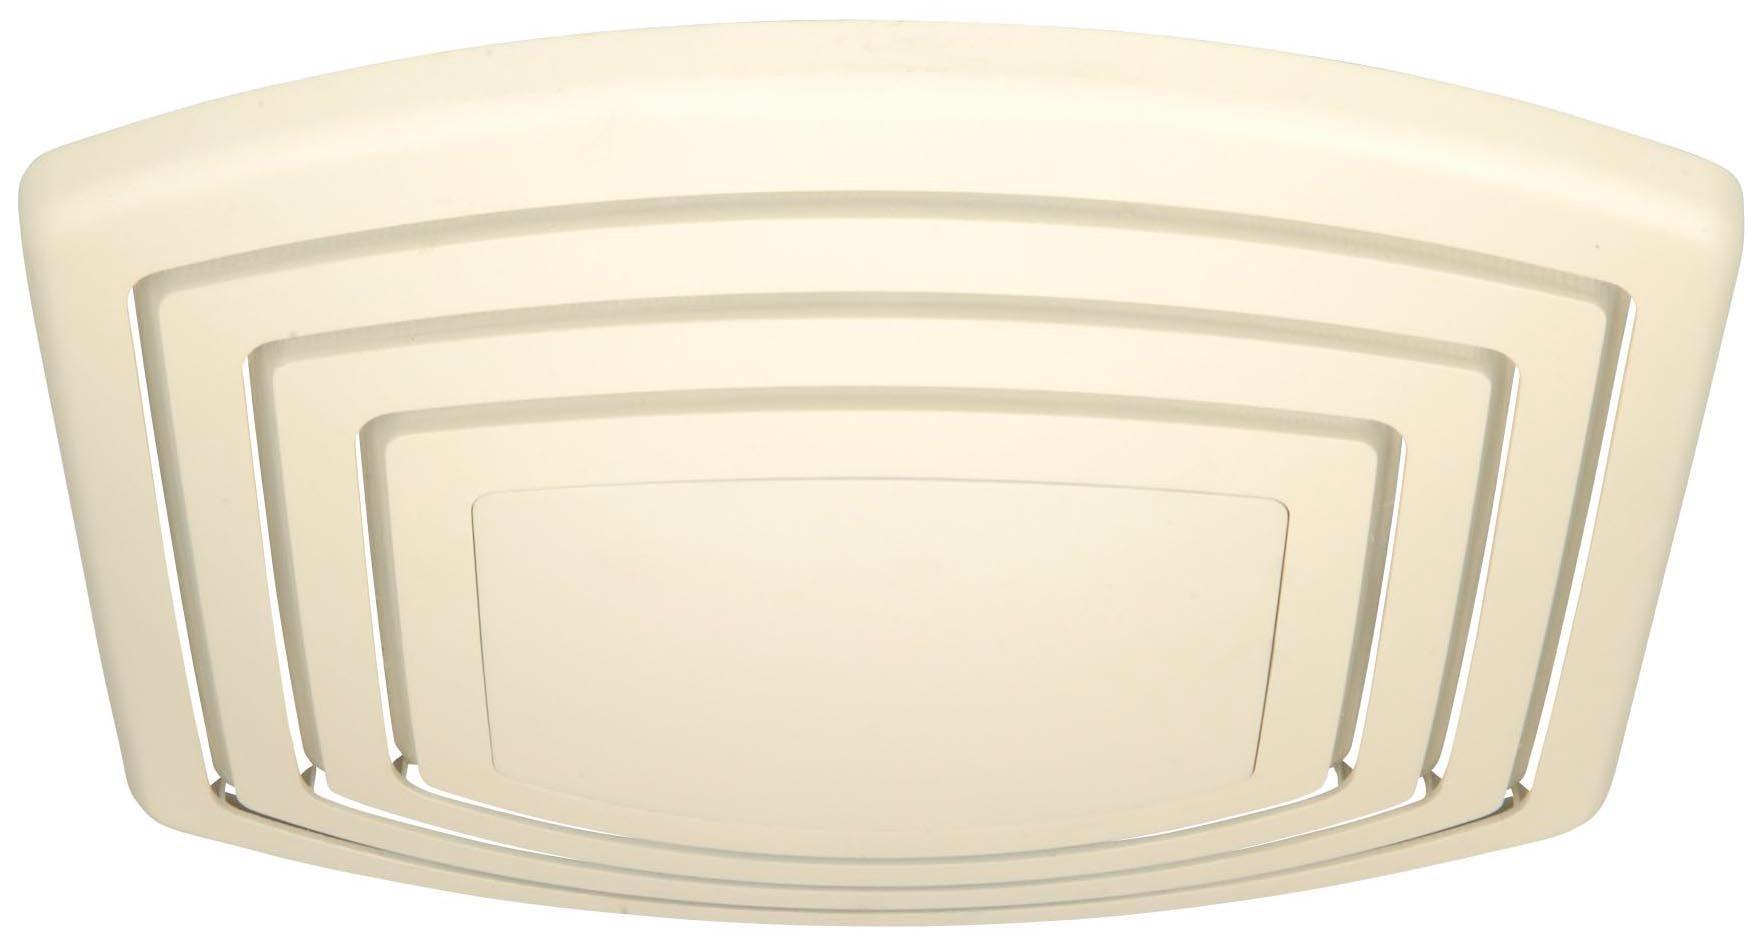 Craftmade TFV110S 110 CFM Silent Ceiling Fan, Designer White